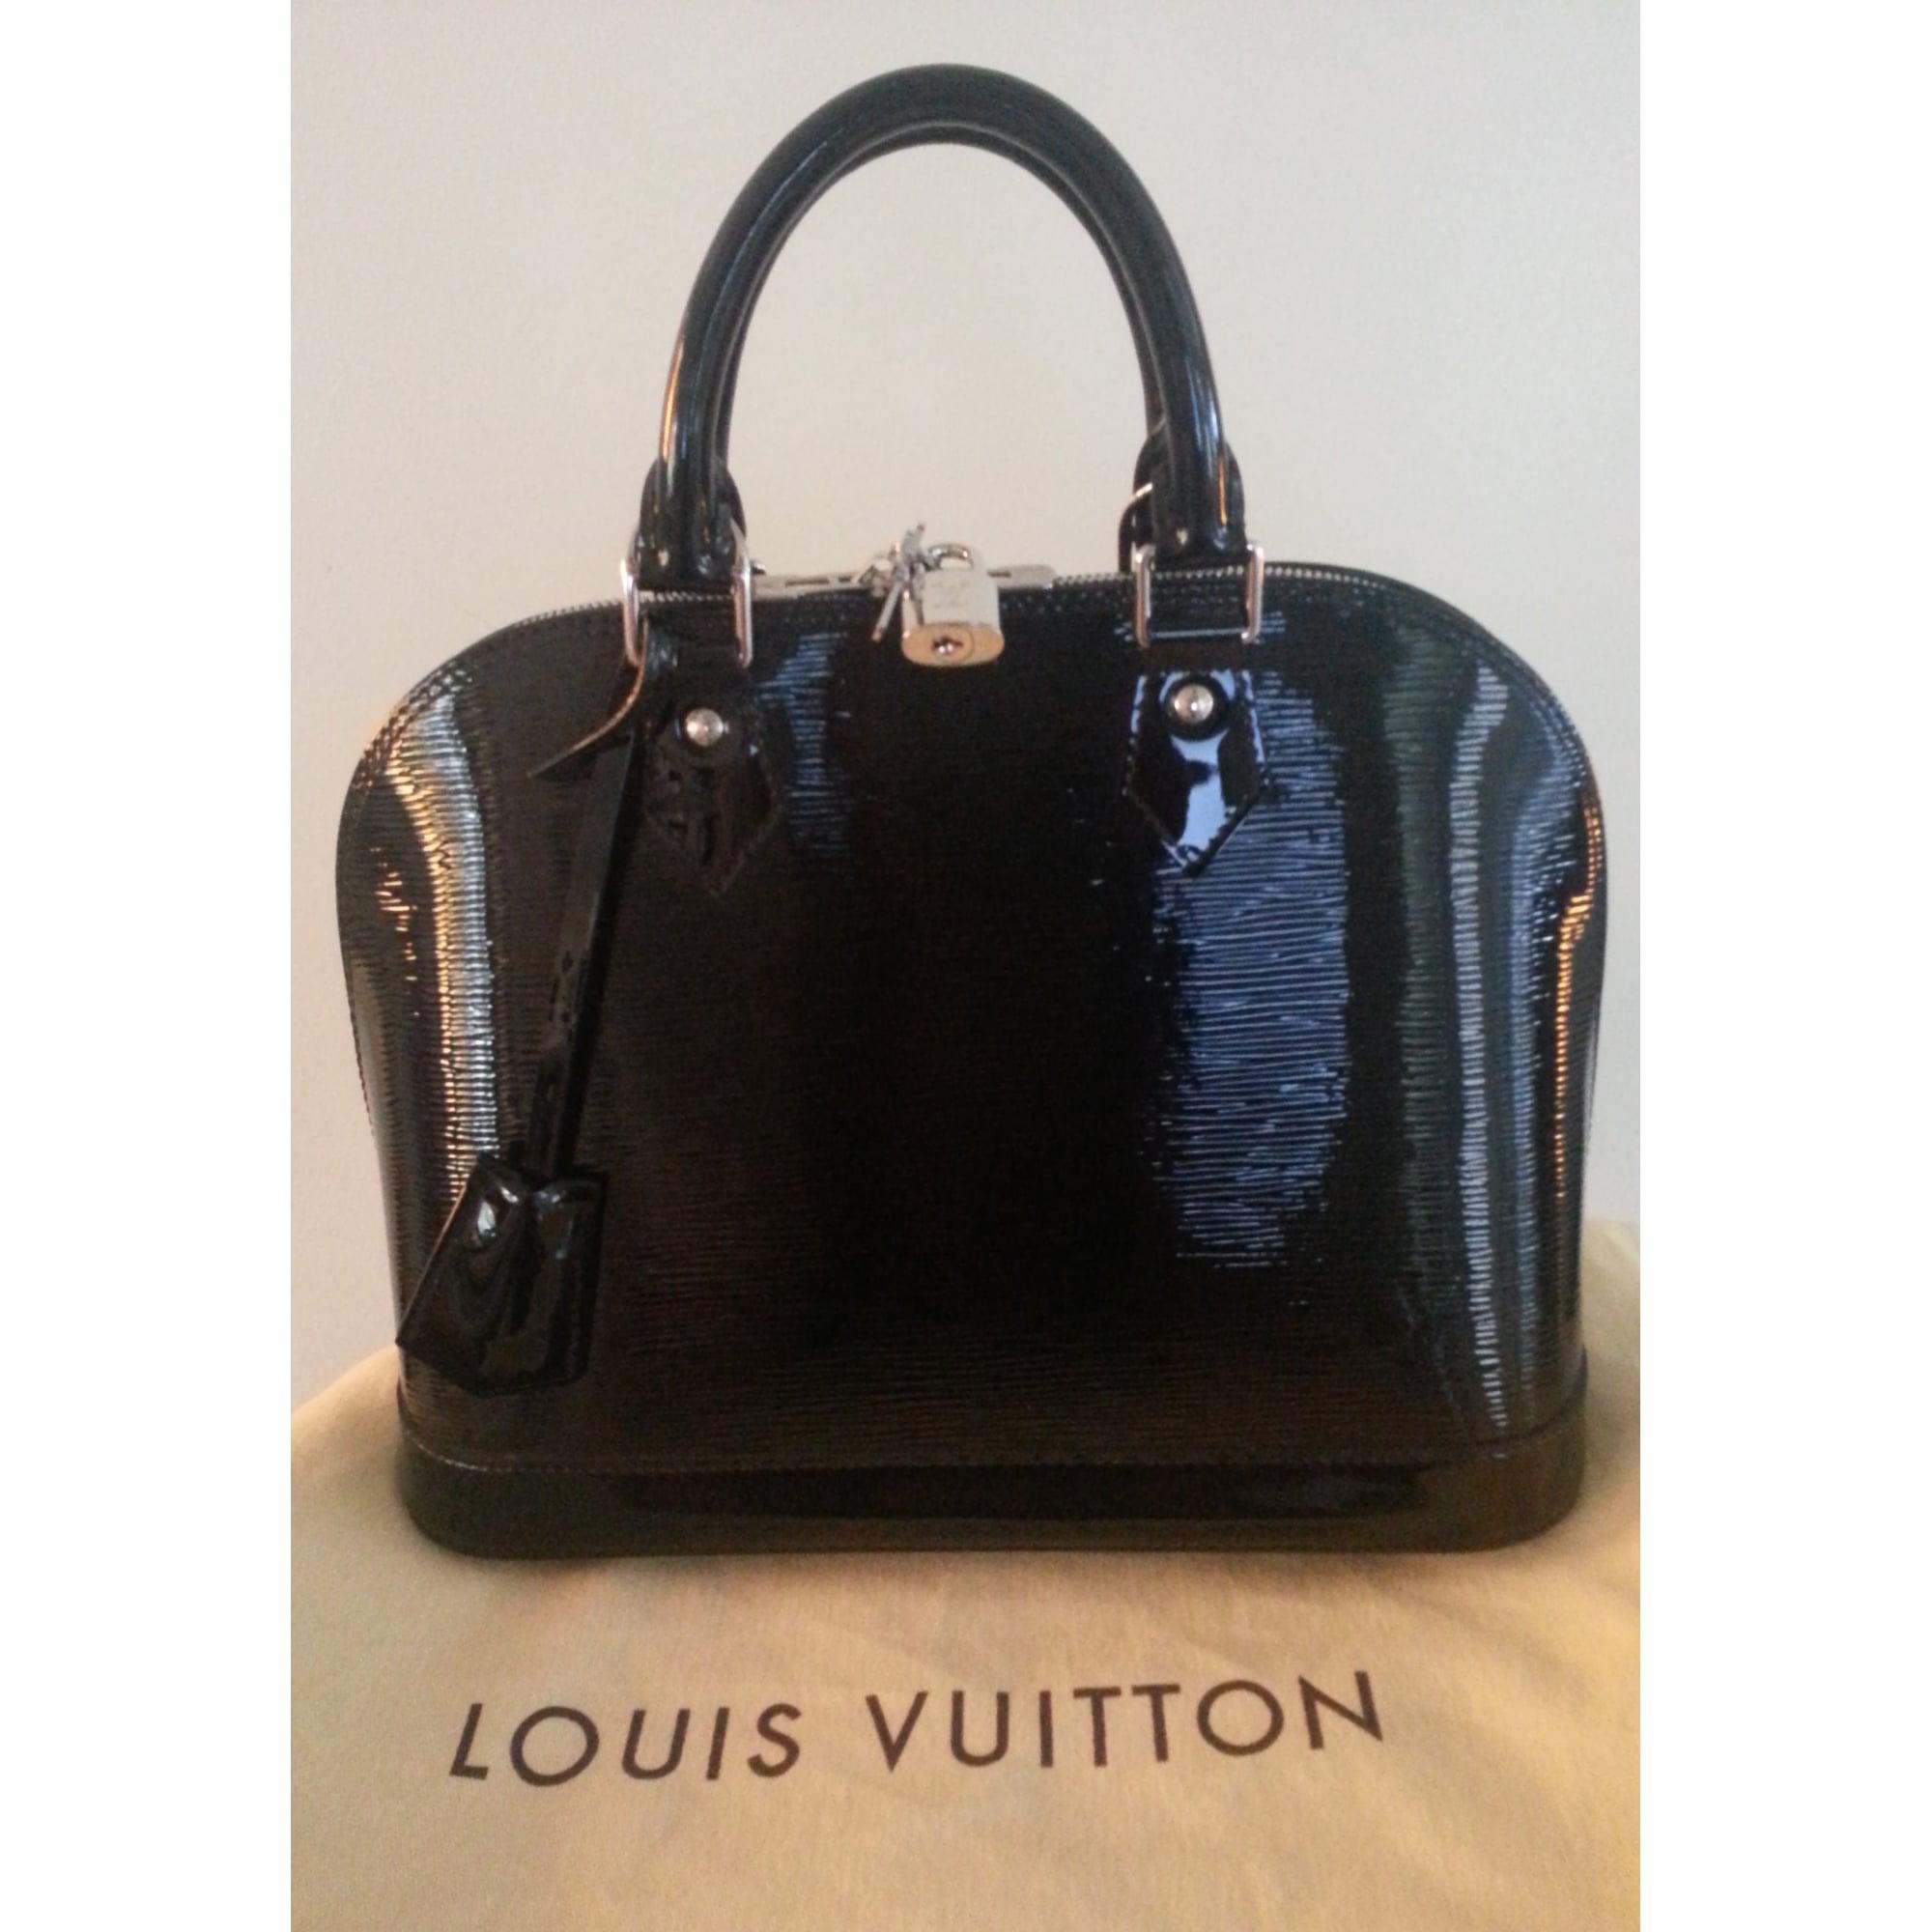 Sac à main en cuir LOUIS VUITTON noir - 1370506 c27f26d82db6